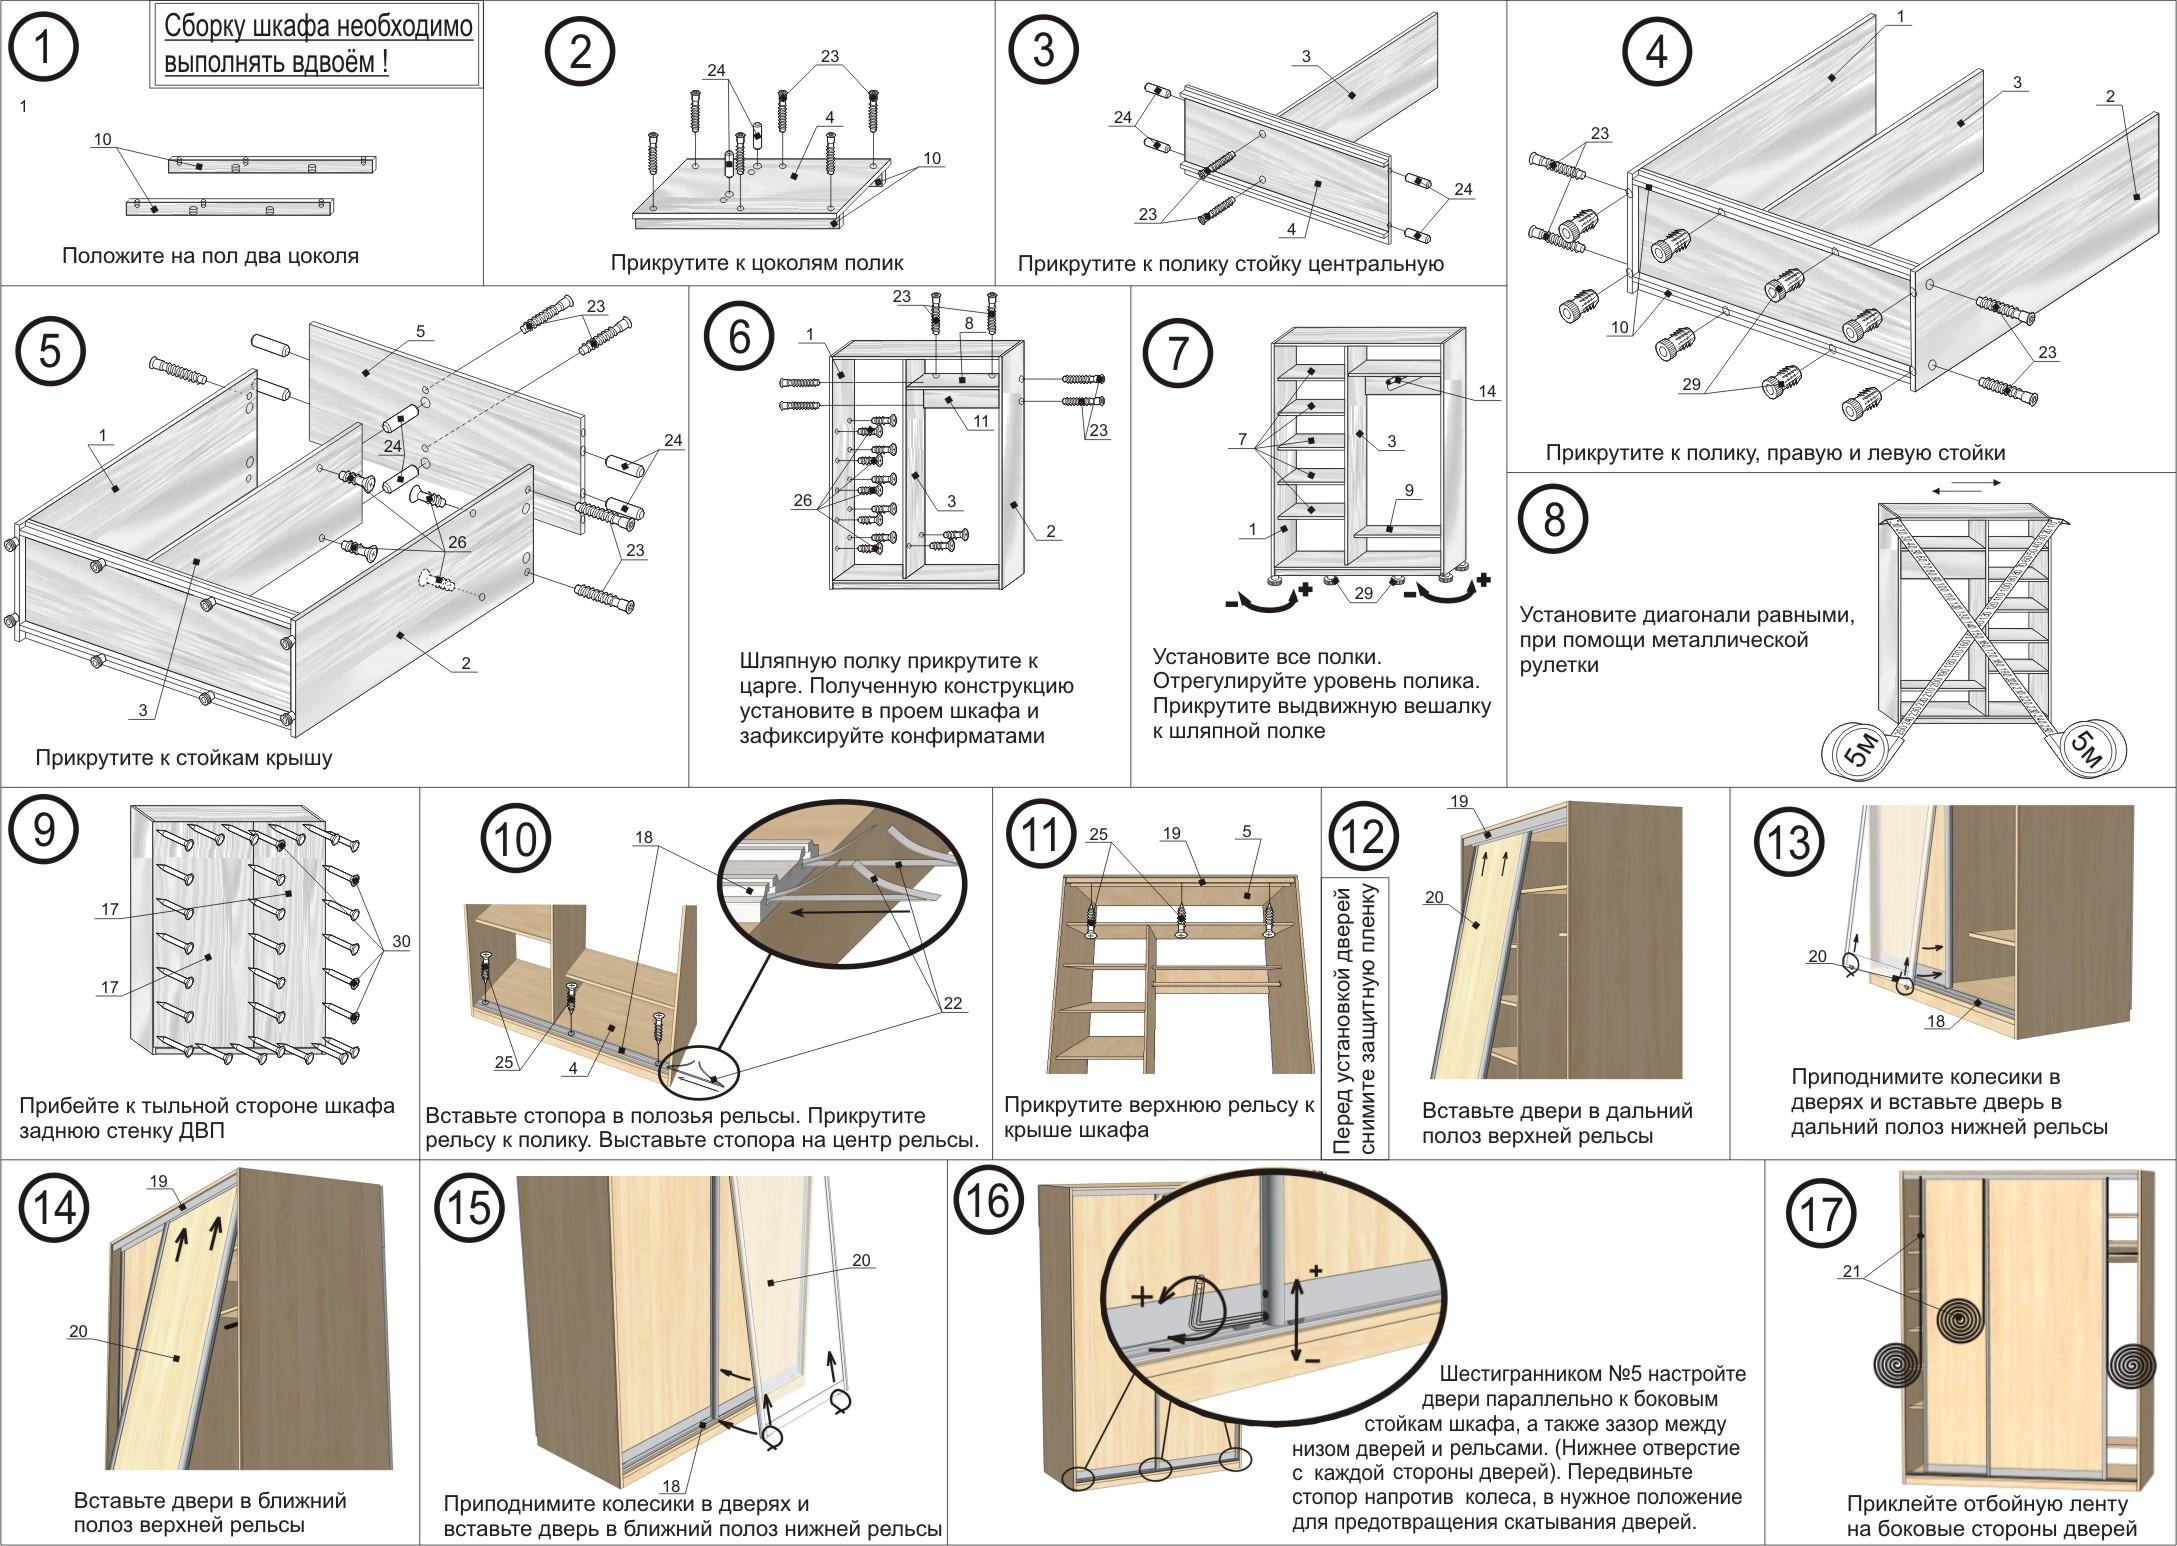 Как собирать шкаф купе инструкция